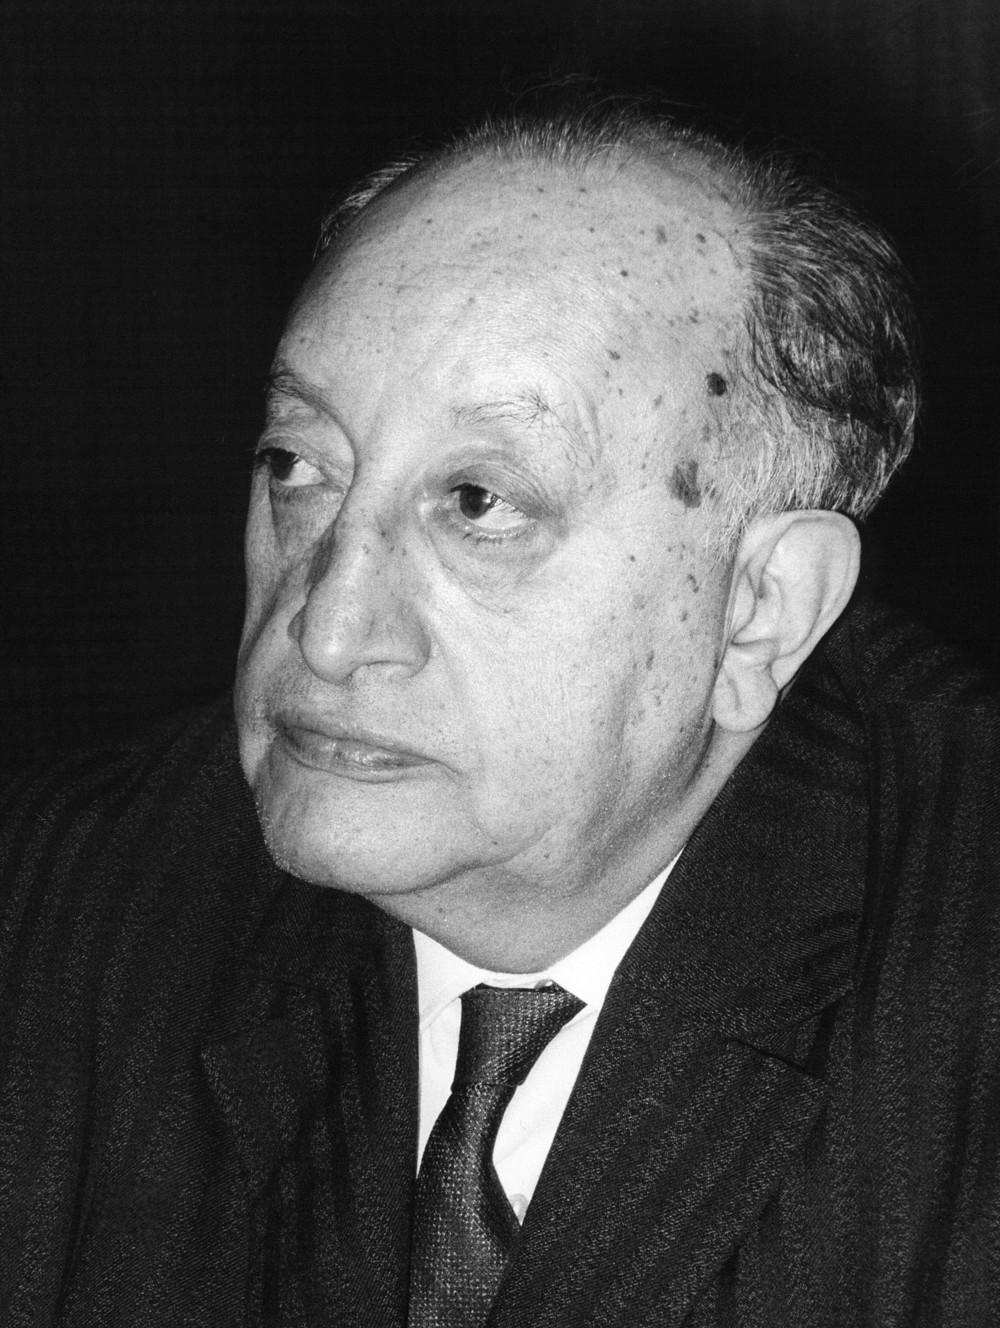 Астуріас, Міґель Анхель